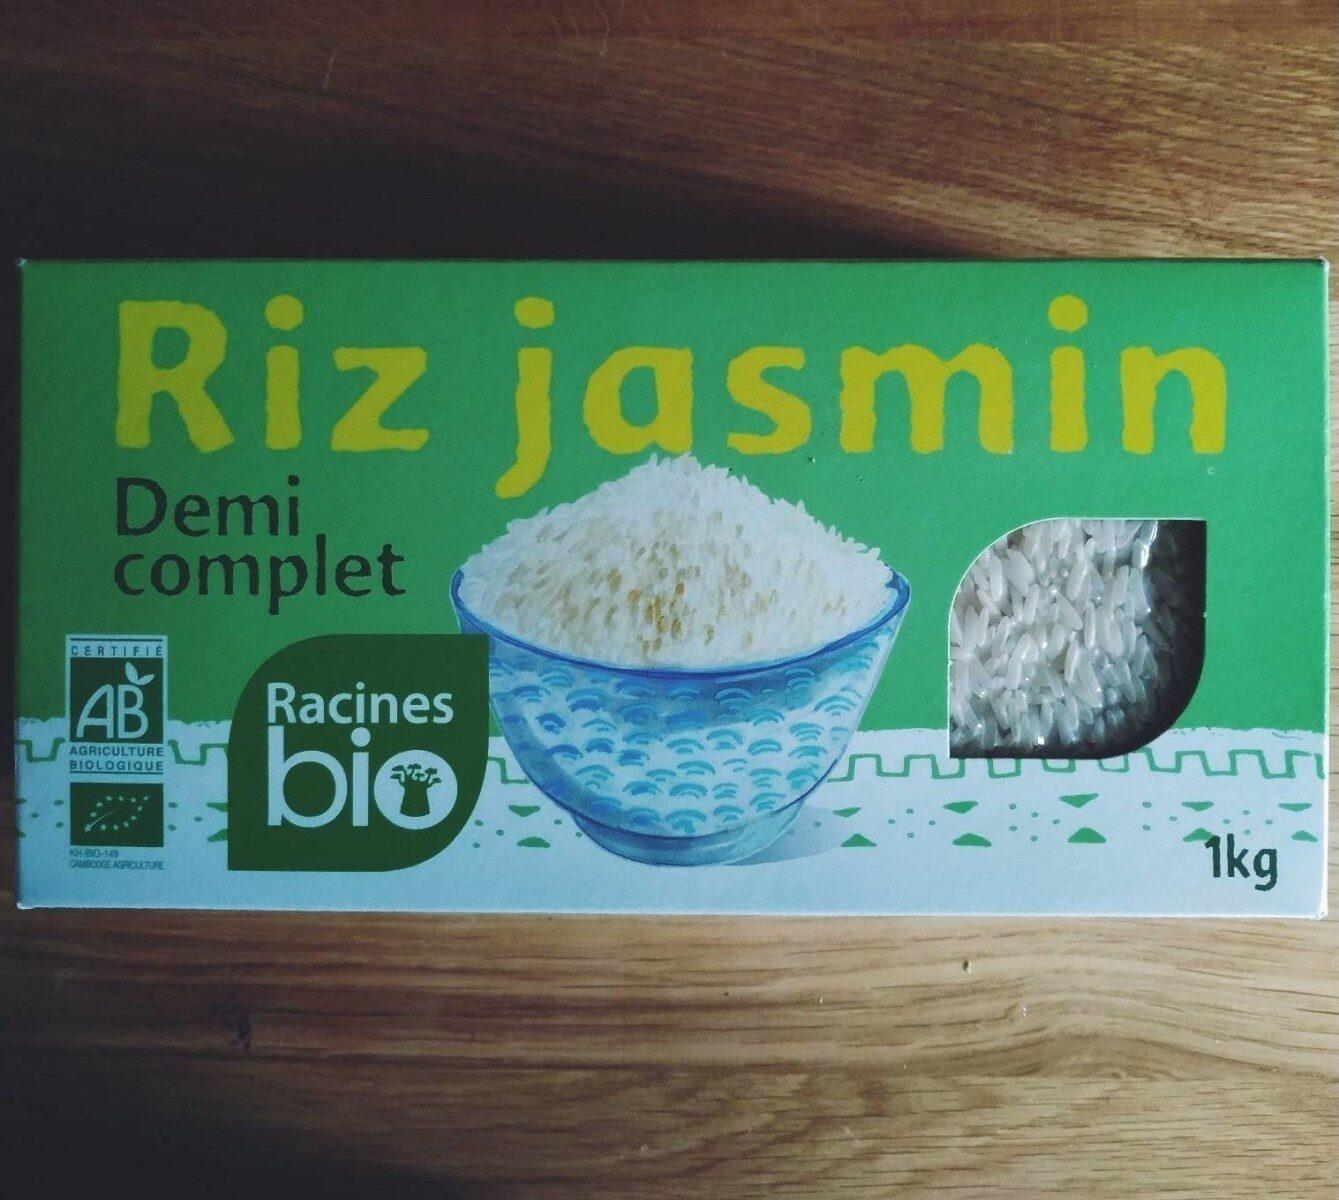 Riz jasmin demi complet - Prodotto - fr